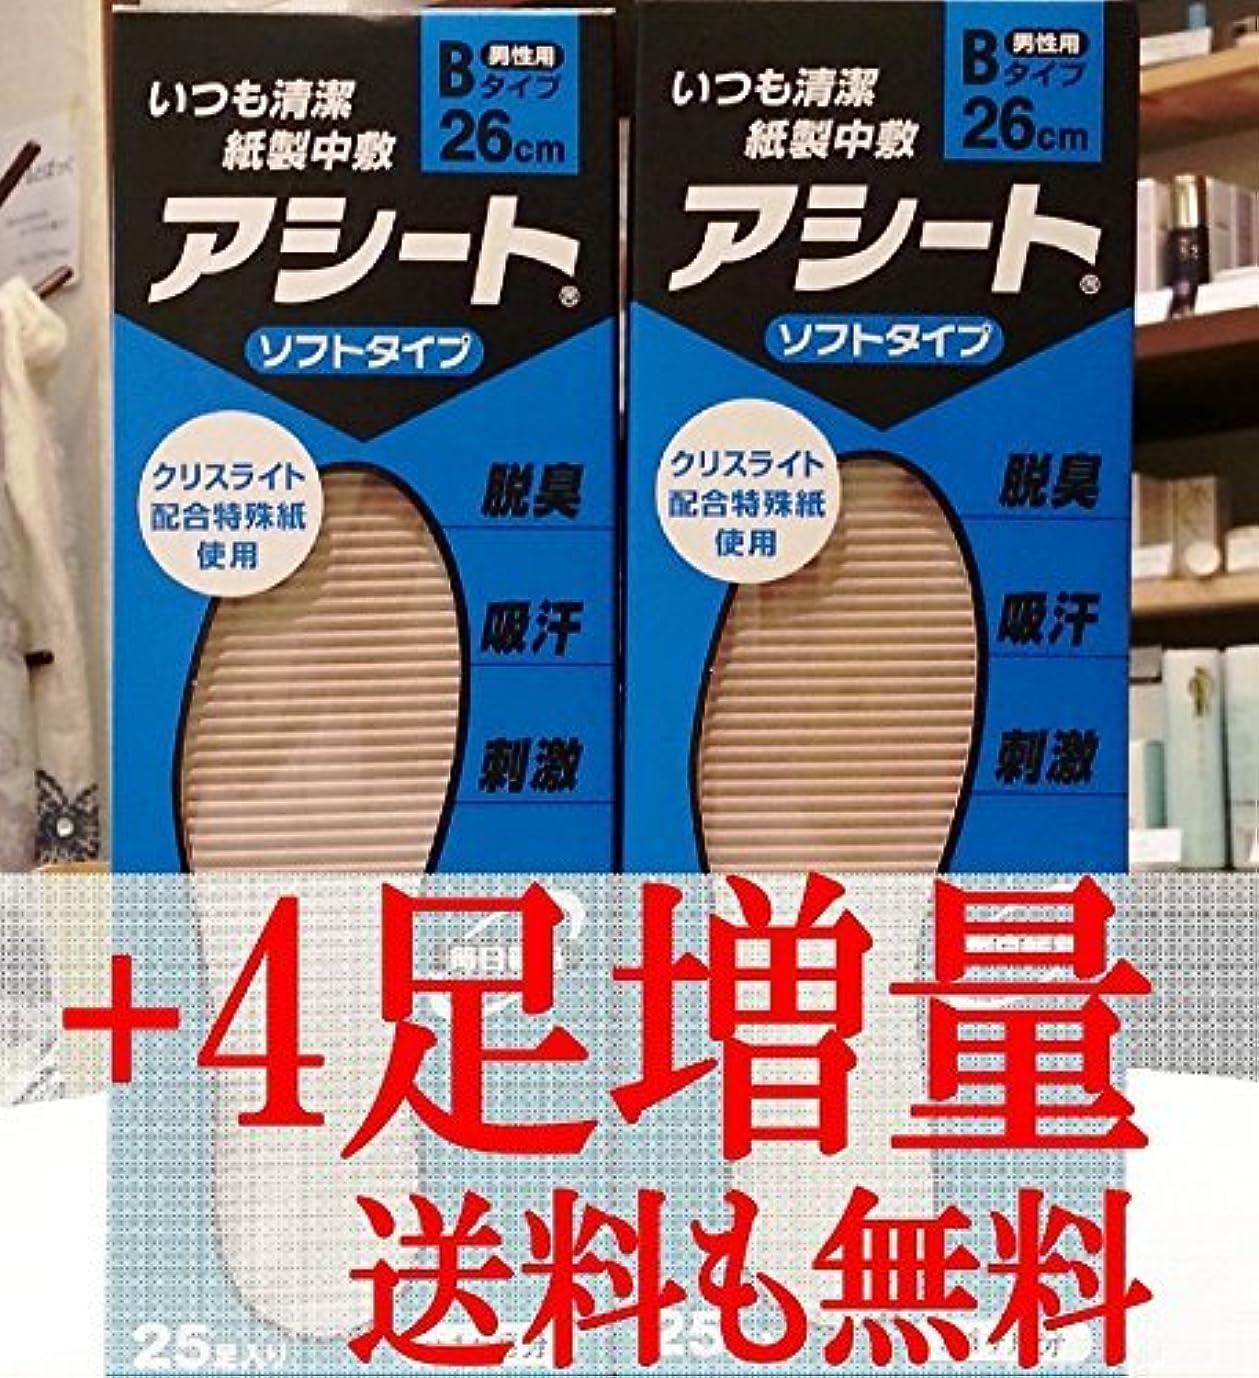 誤解ミキサー領域アシートB 25足入2箱セット+4足増量中(25cm)